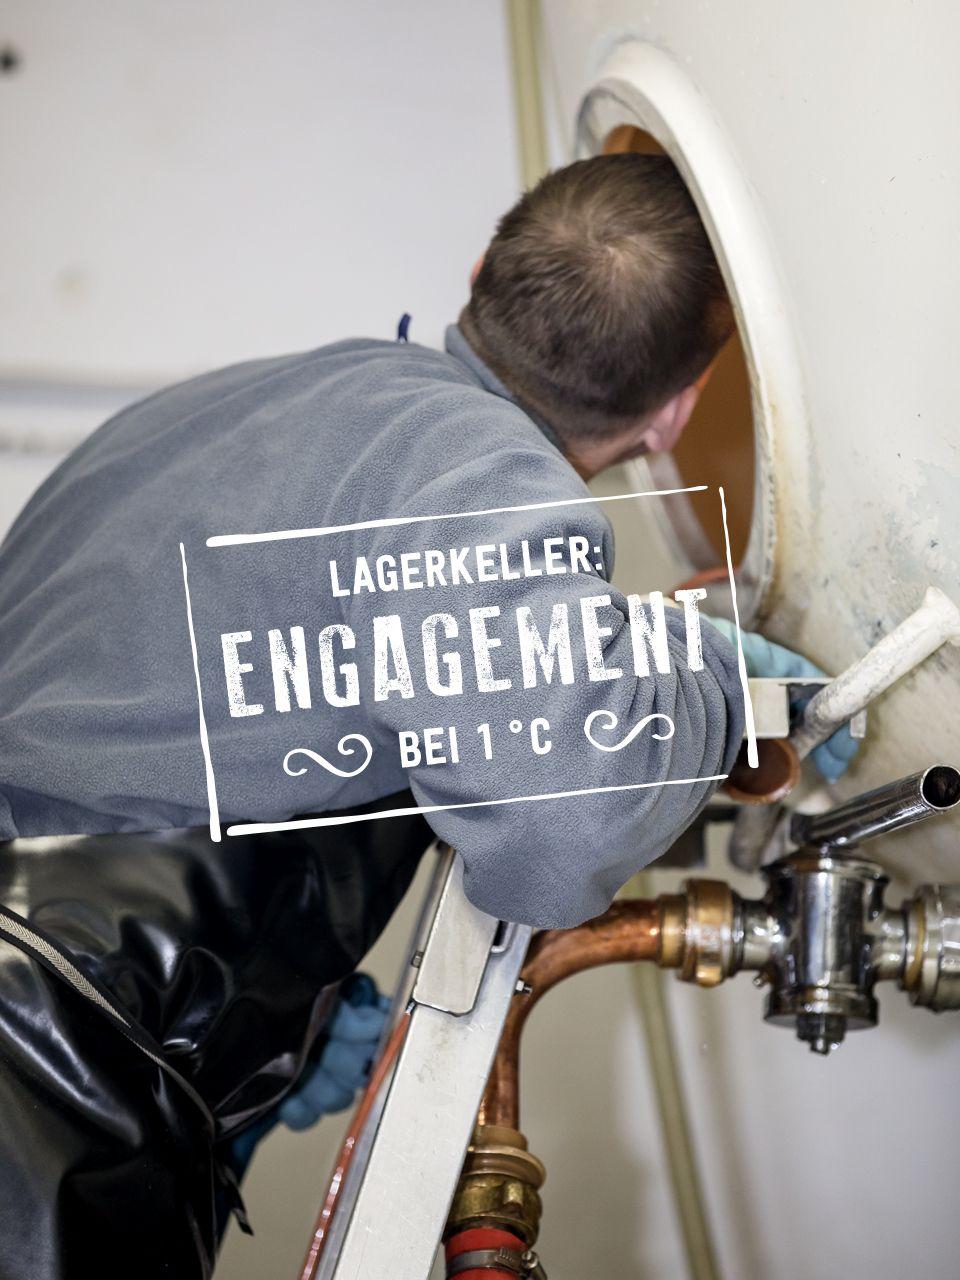 Der Brauer reinigt den Lagertank. Im Lagerkeller reifen die Biere bis zu 7 Wochen in dieser Zeit entwickeln diese ihren besonderen Charakter und Geschmack. Sehr wichtig ist hier vor allem die Pflege der Lagertanks.